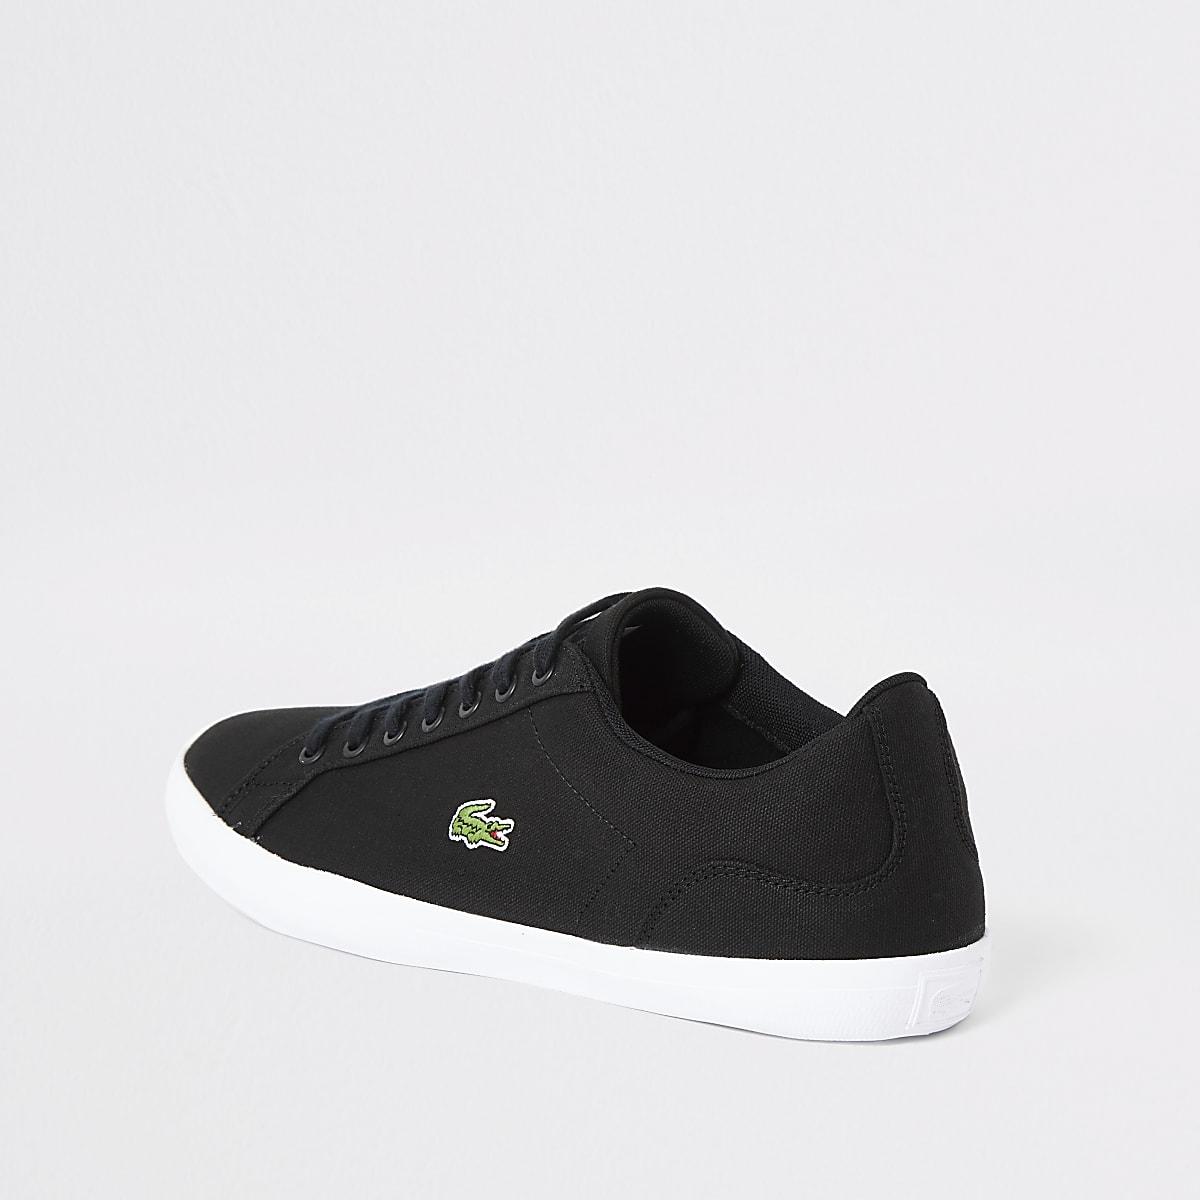 f8c0a26c896d Lacoste black Lerond canvas trainers - Trainers - Shoes   Boots - men